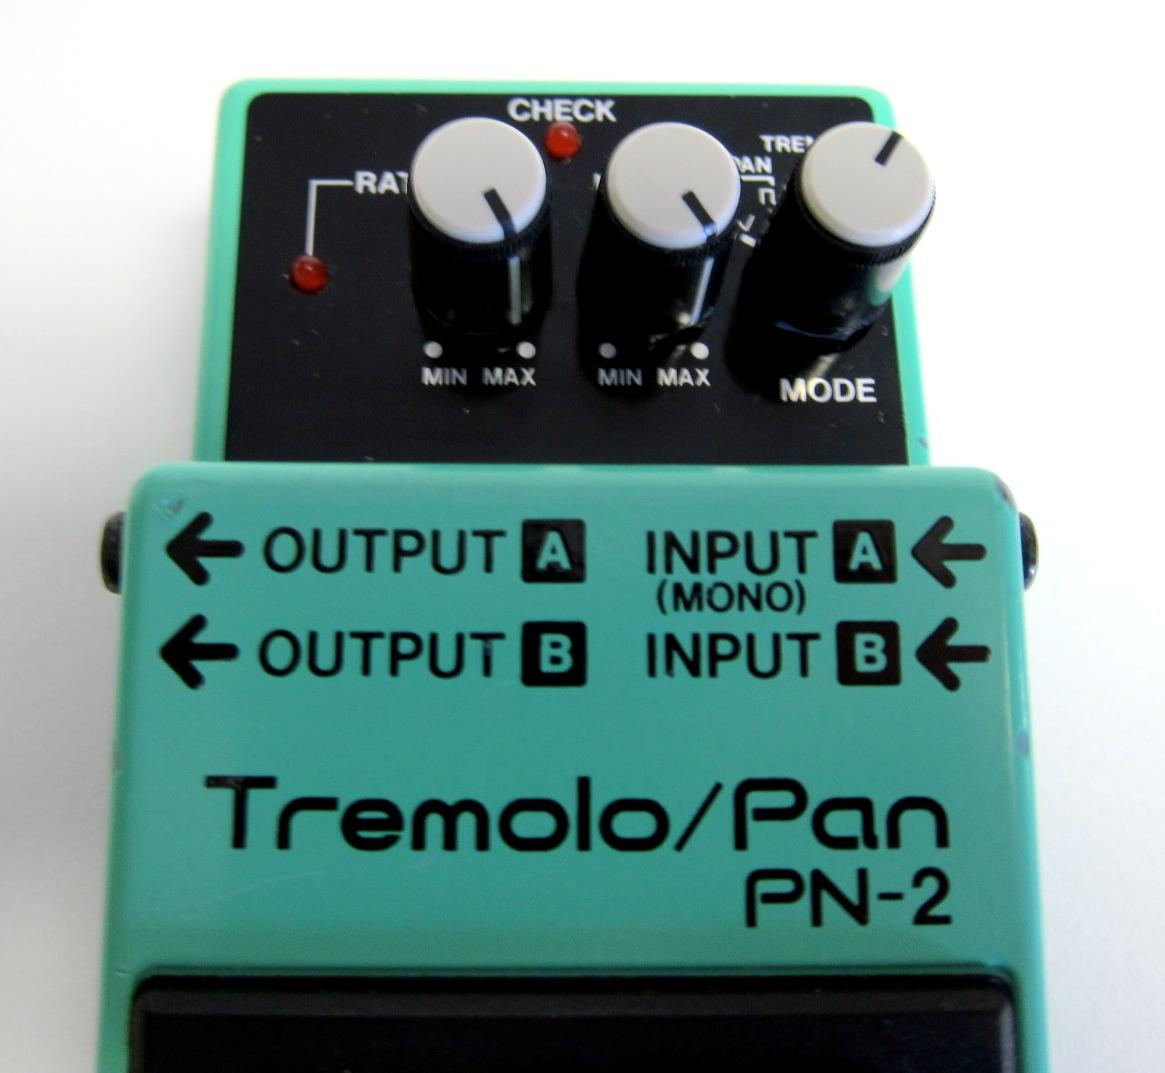 PN-2 controls